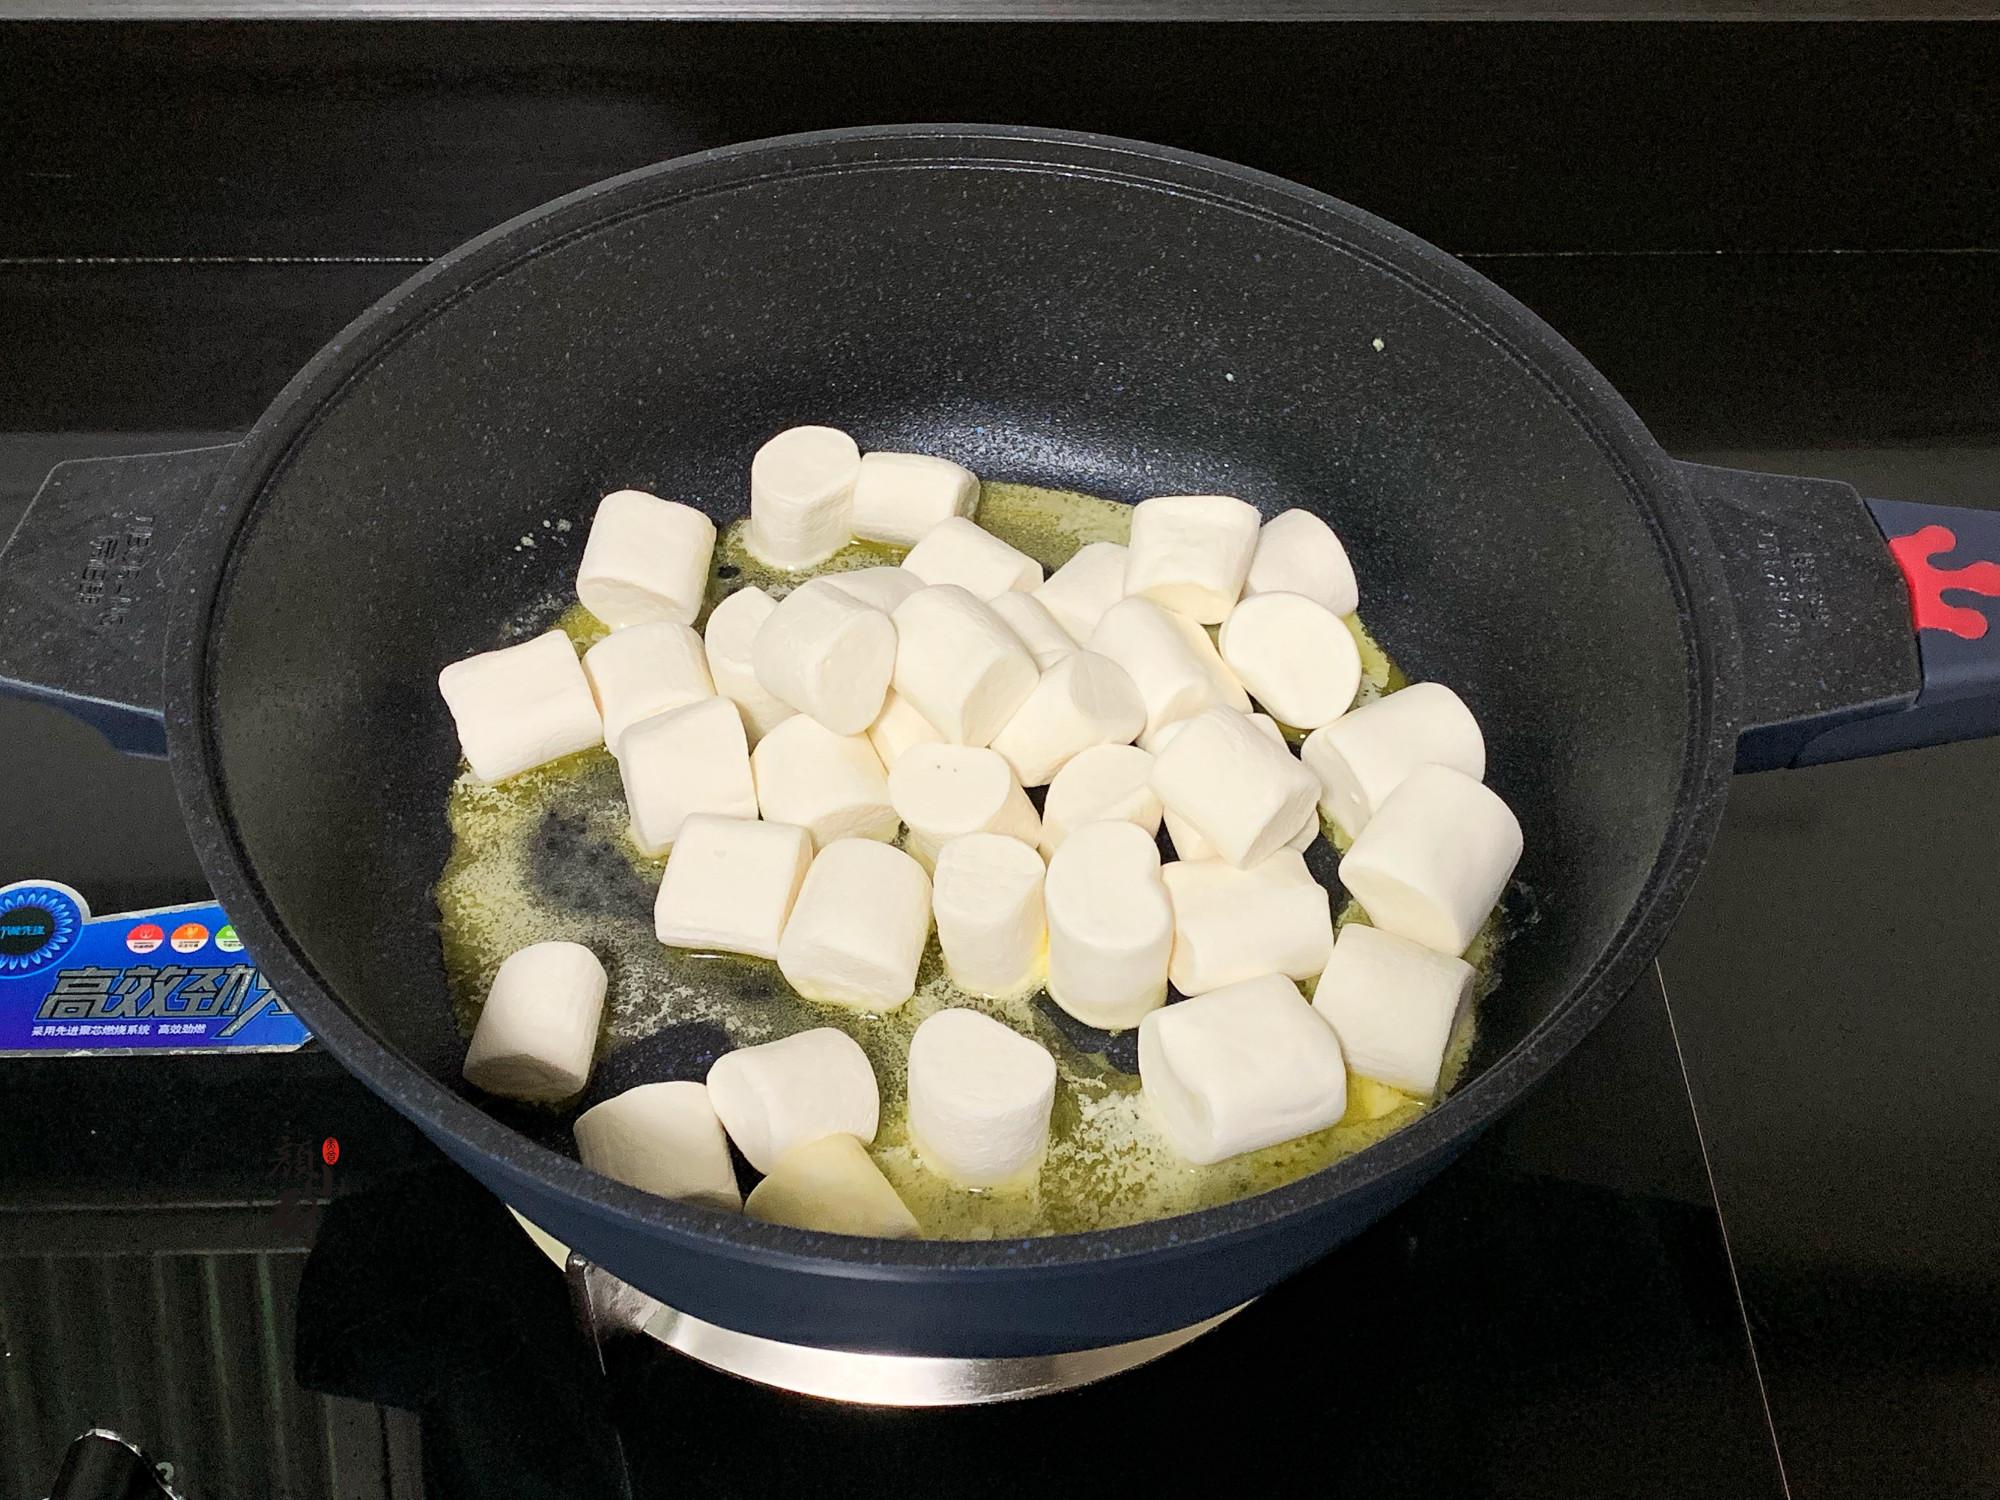 自從學會牛軋糖這個做法,我家連糖果都不買了,每次做家人都嫌少